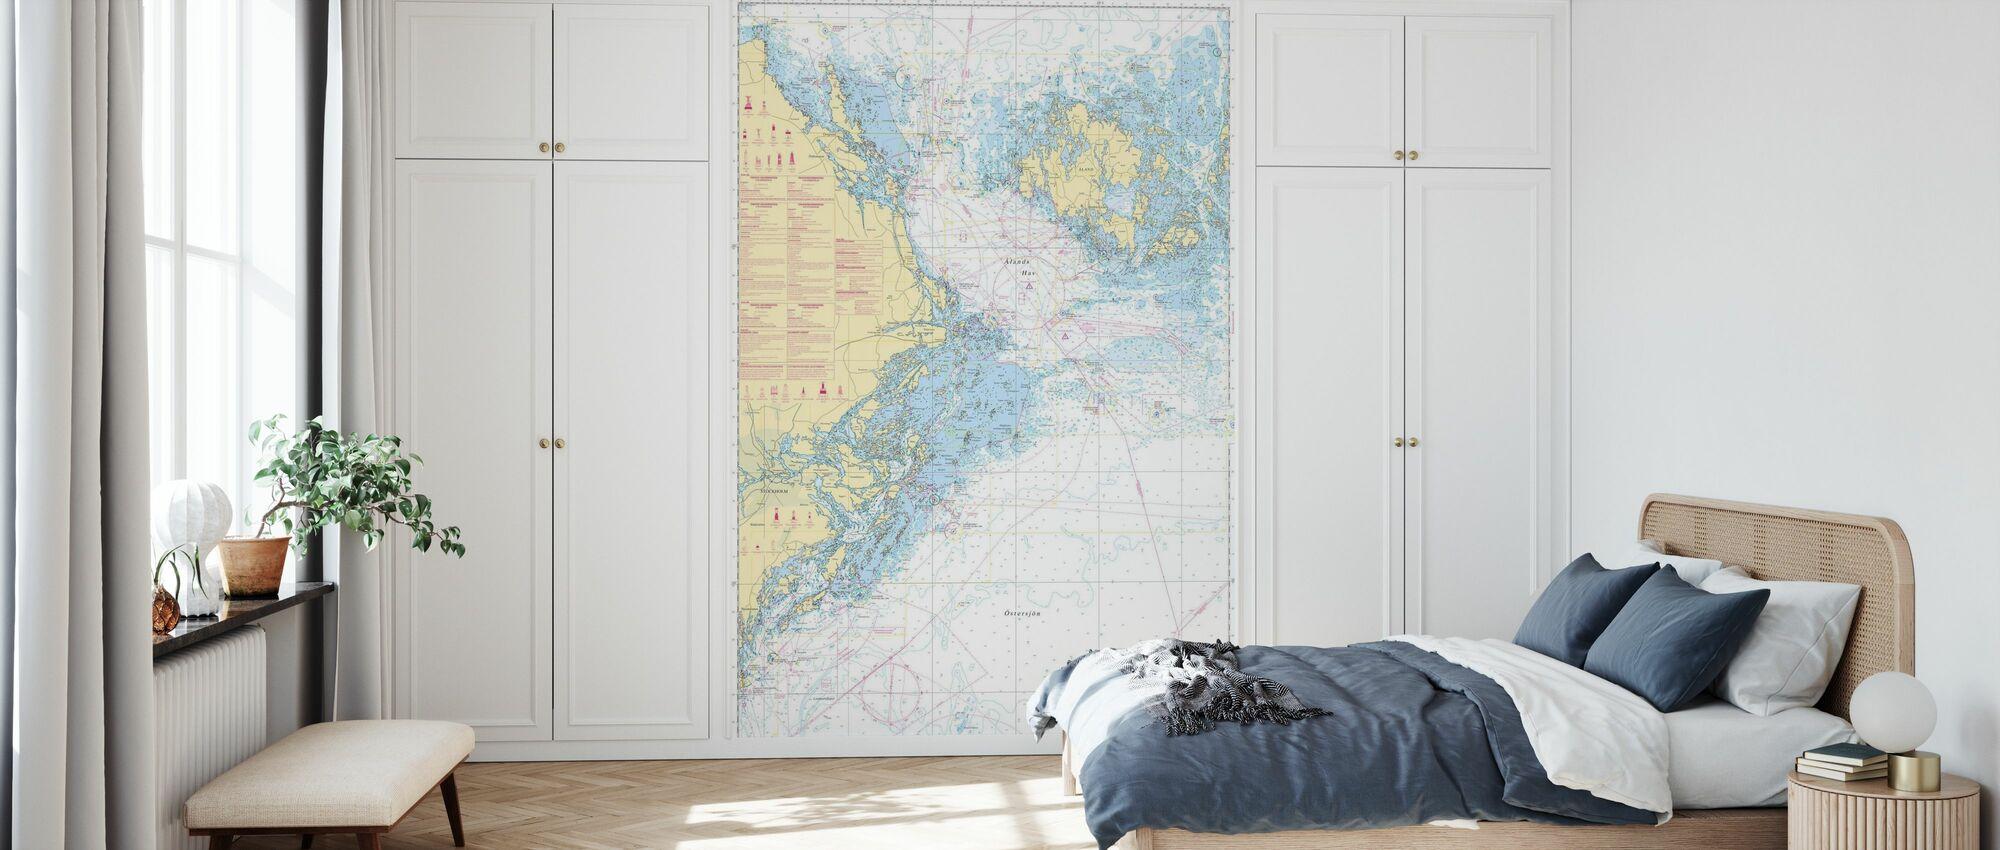 Zeekaart 61 - Landsort - Alands Hav - Behang - Slaapkamer